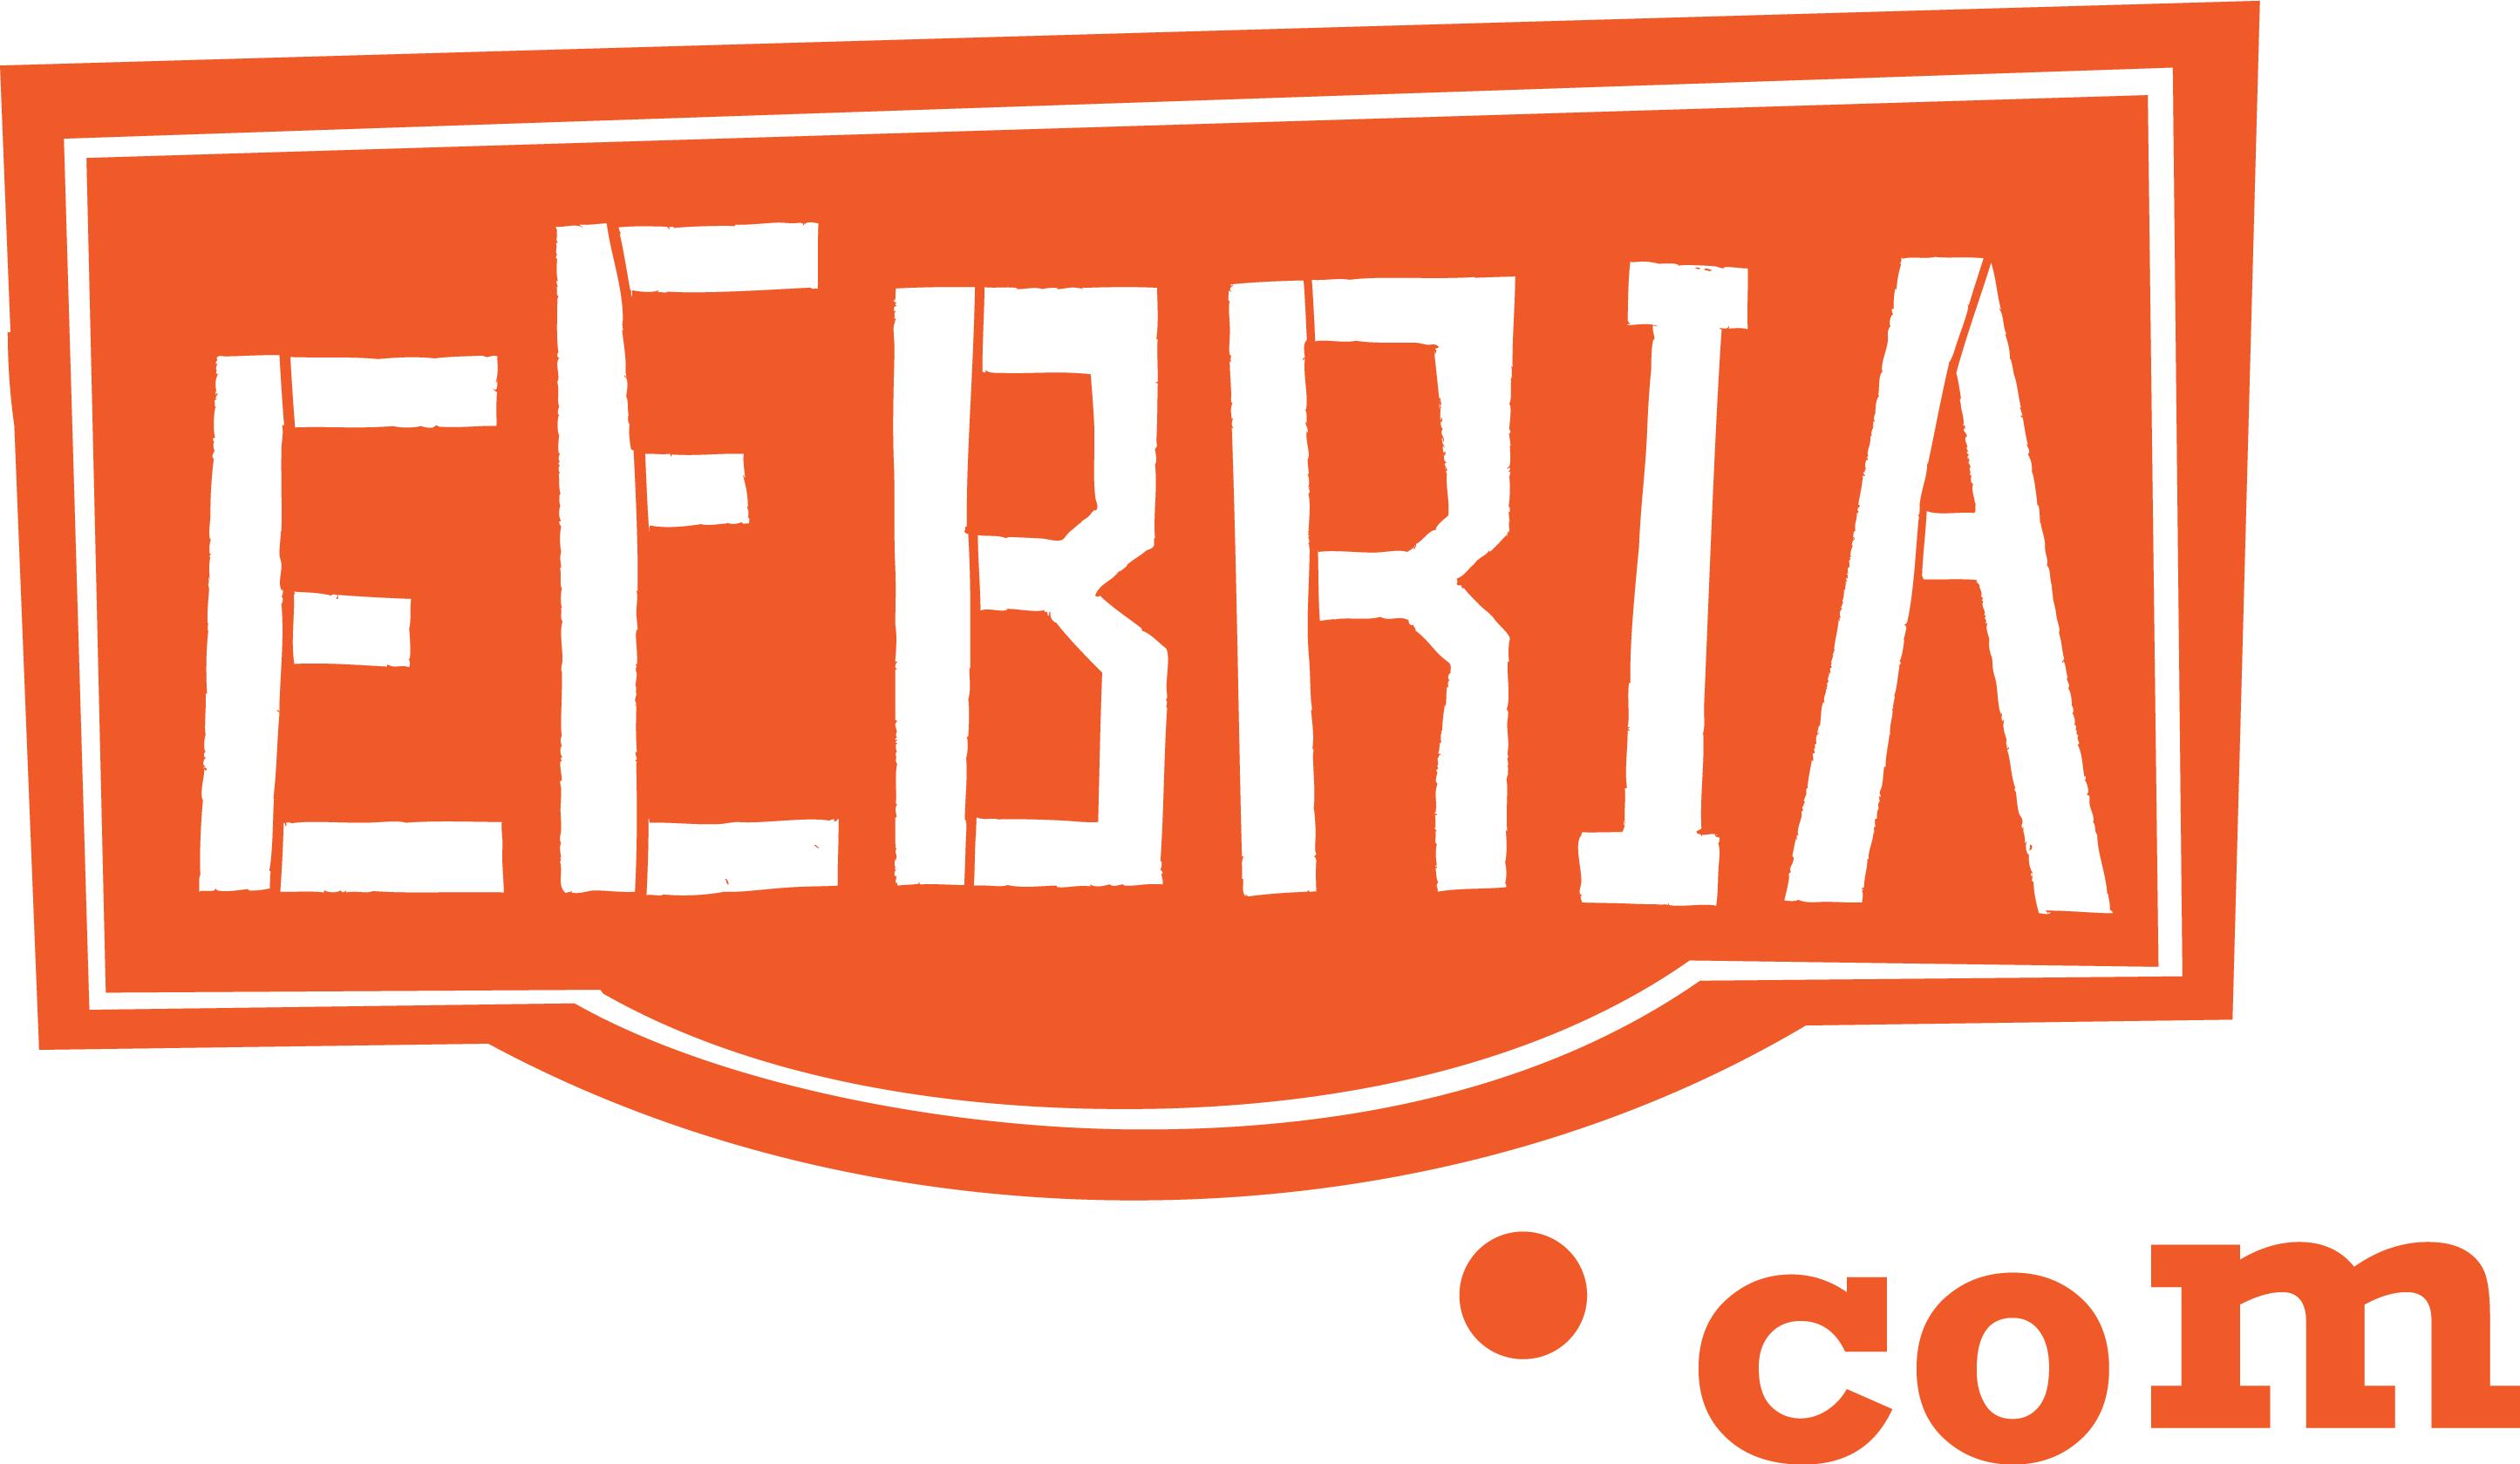 Eebria - www.eebria.com